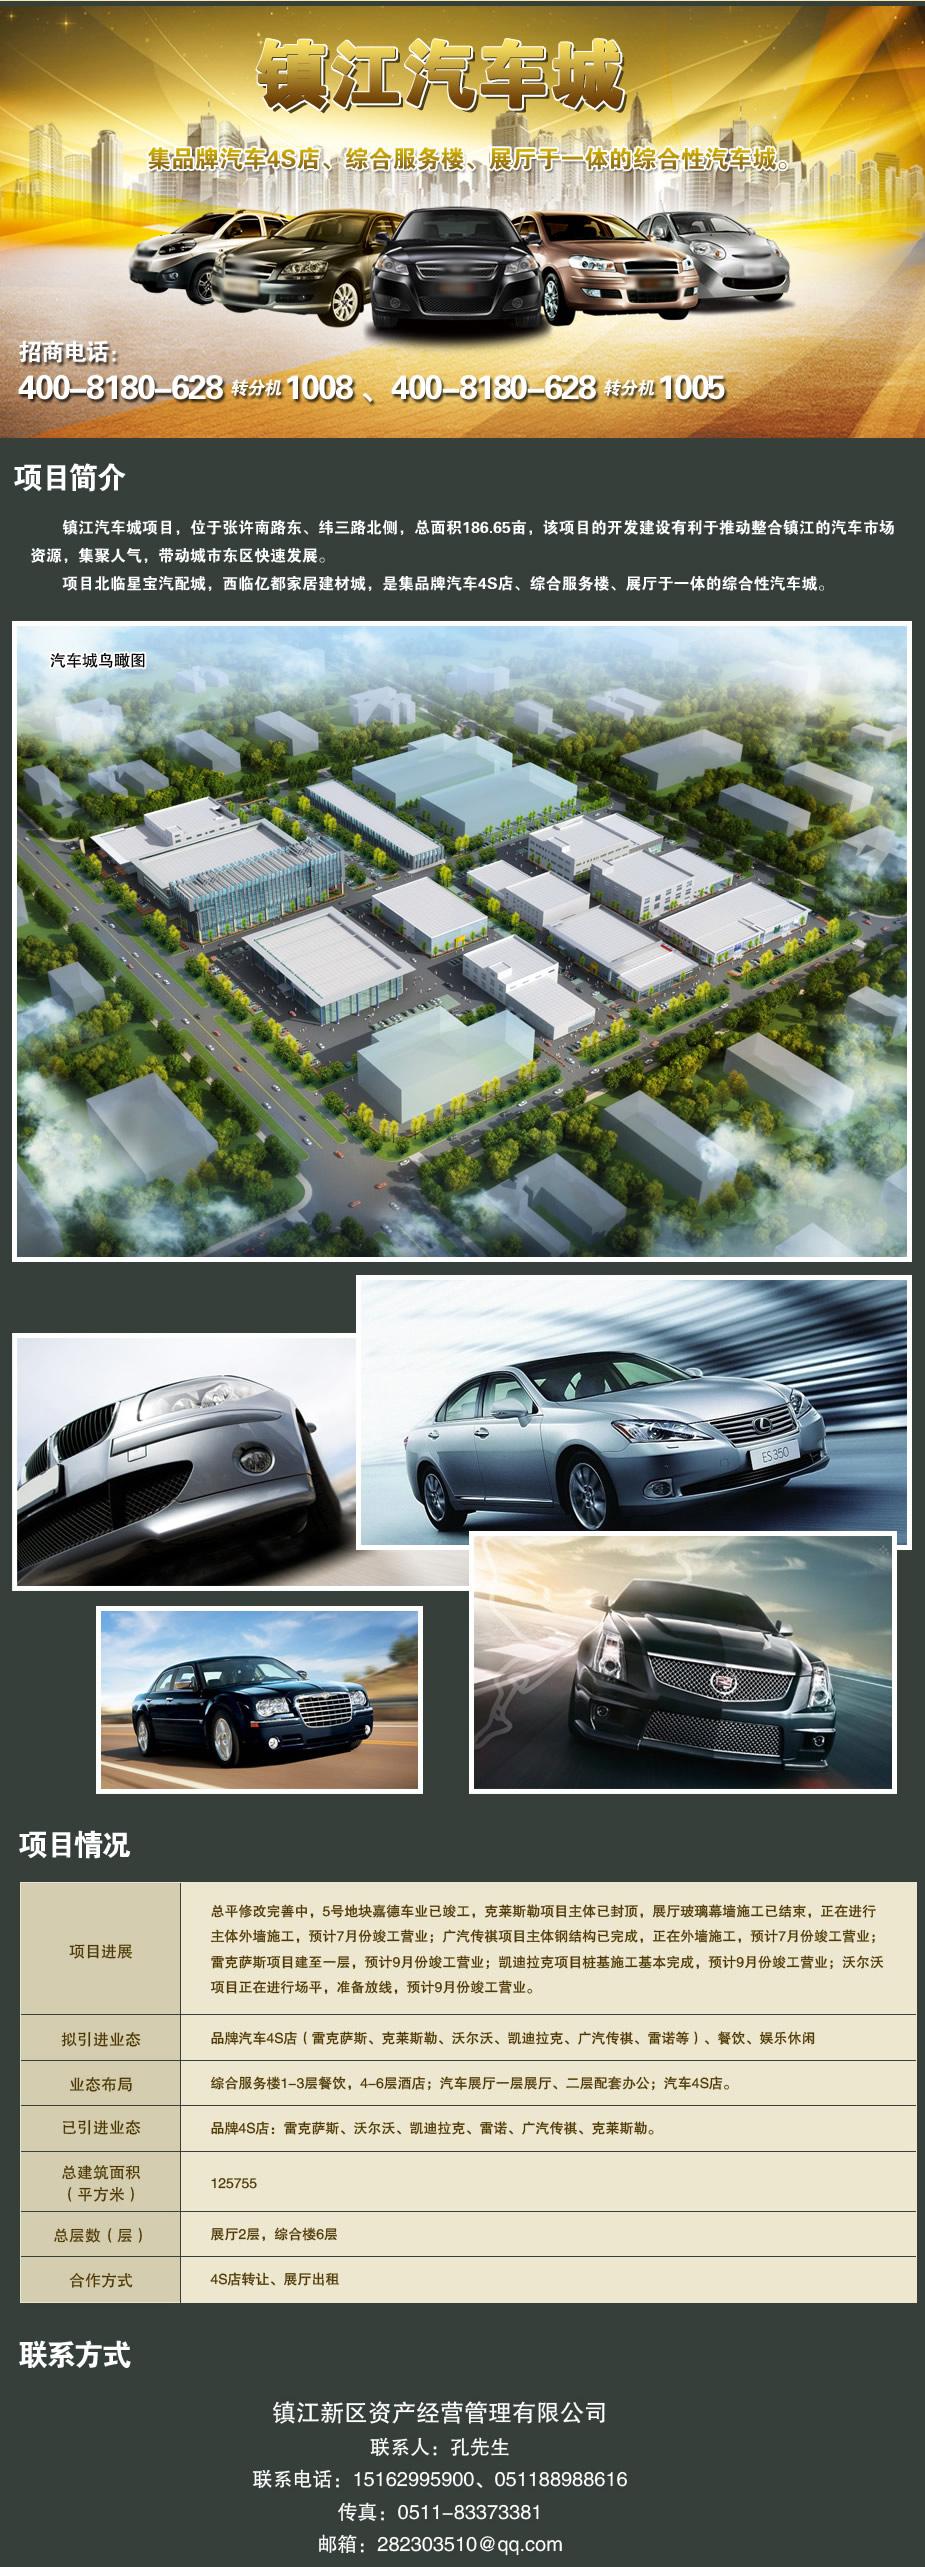 镇江汽车城集品牌汽车4s店,综合服务楼,展厅于一体的.